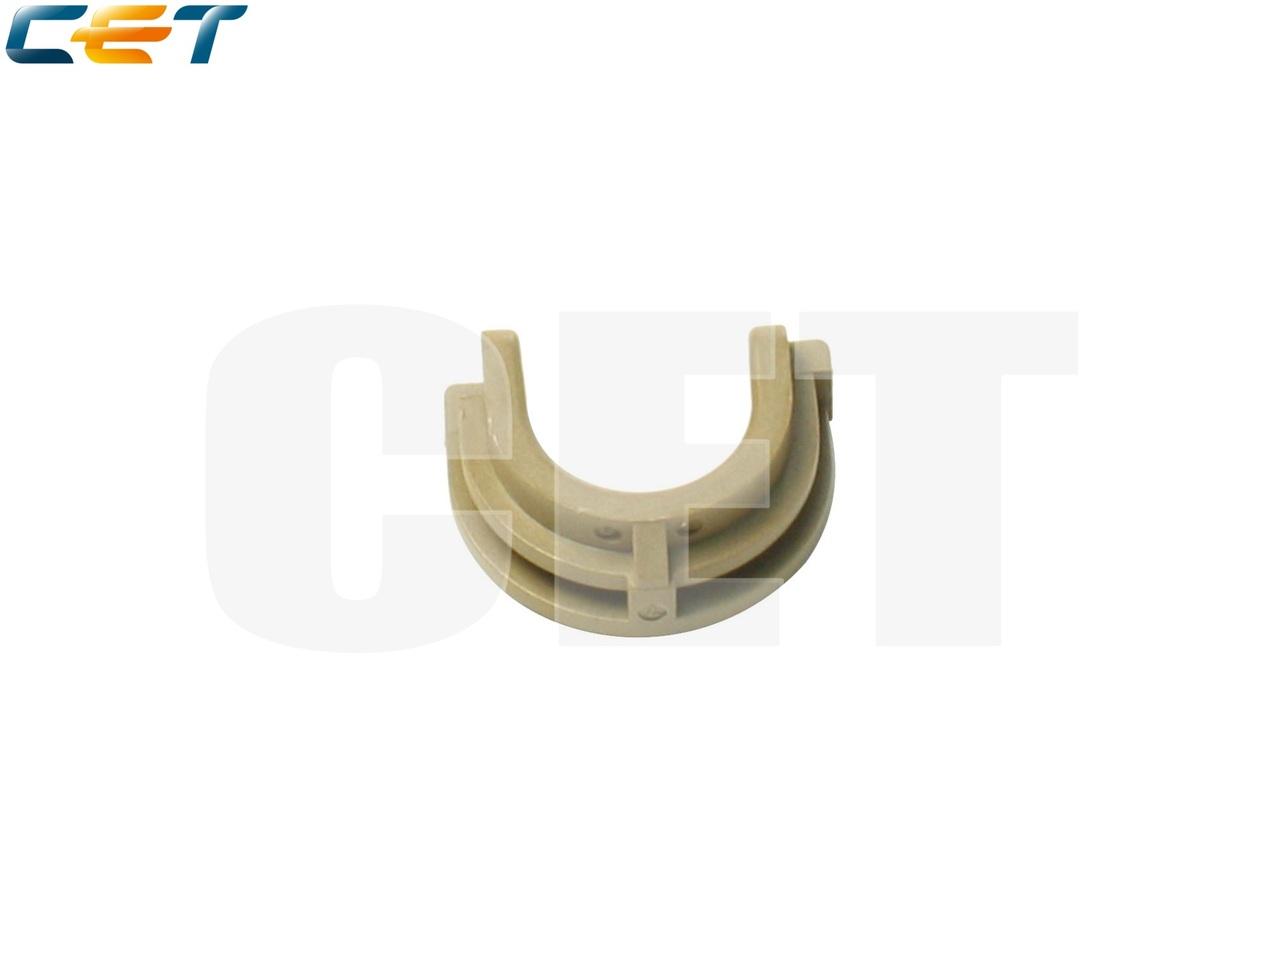 Бушинг резинового вала RC1-2079-000 для HP LaserJet1010/1015/1020/1022 (CET), CET3876